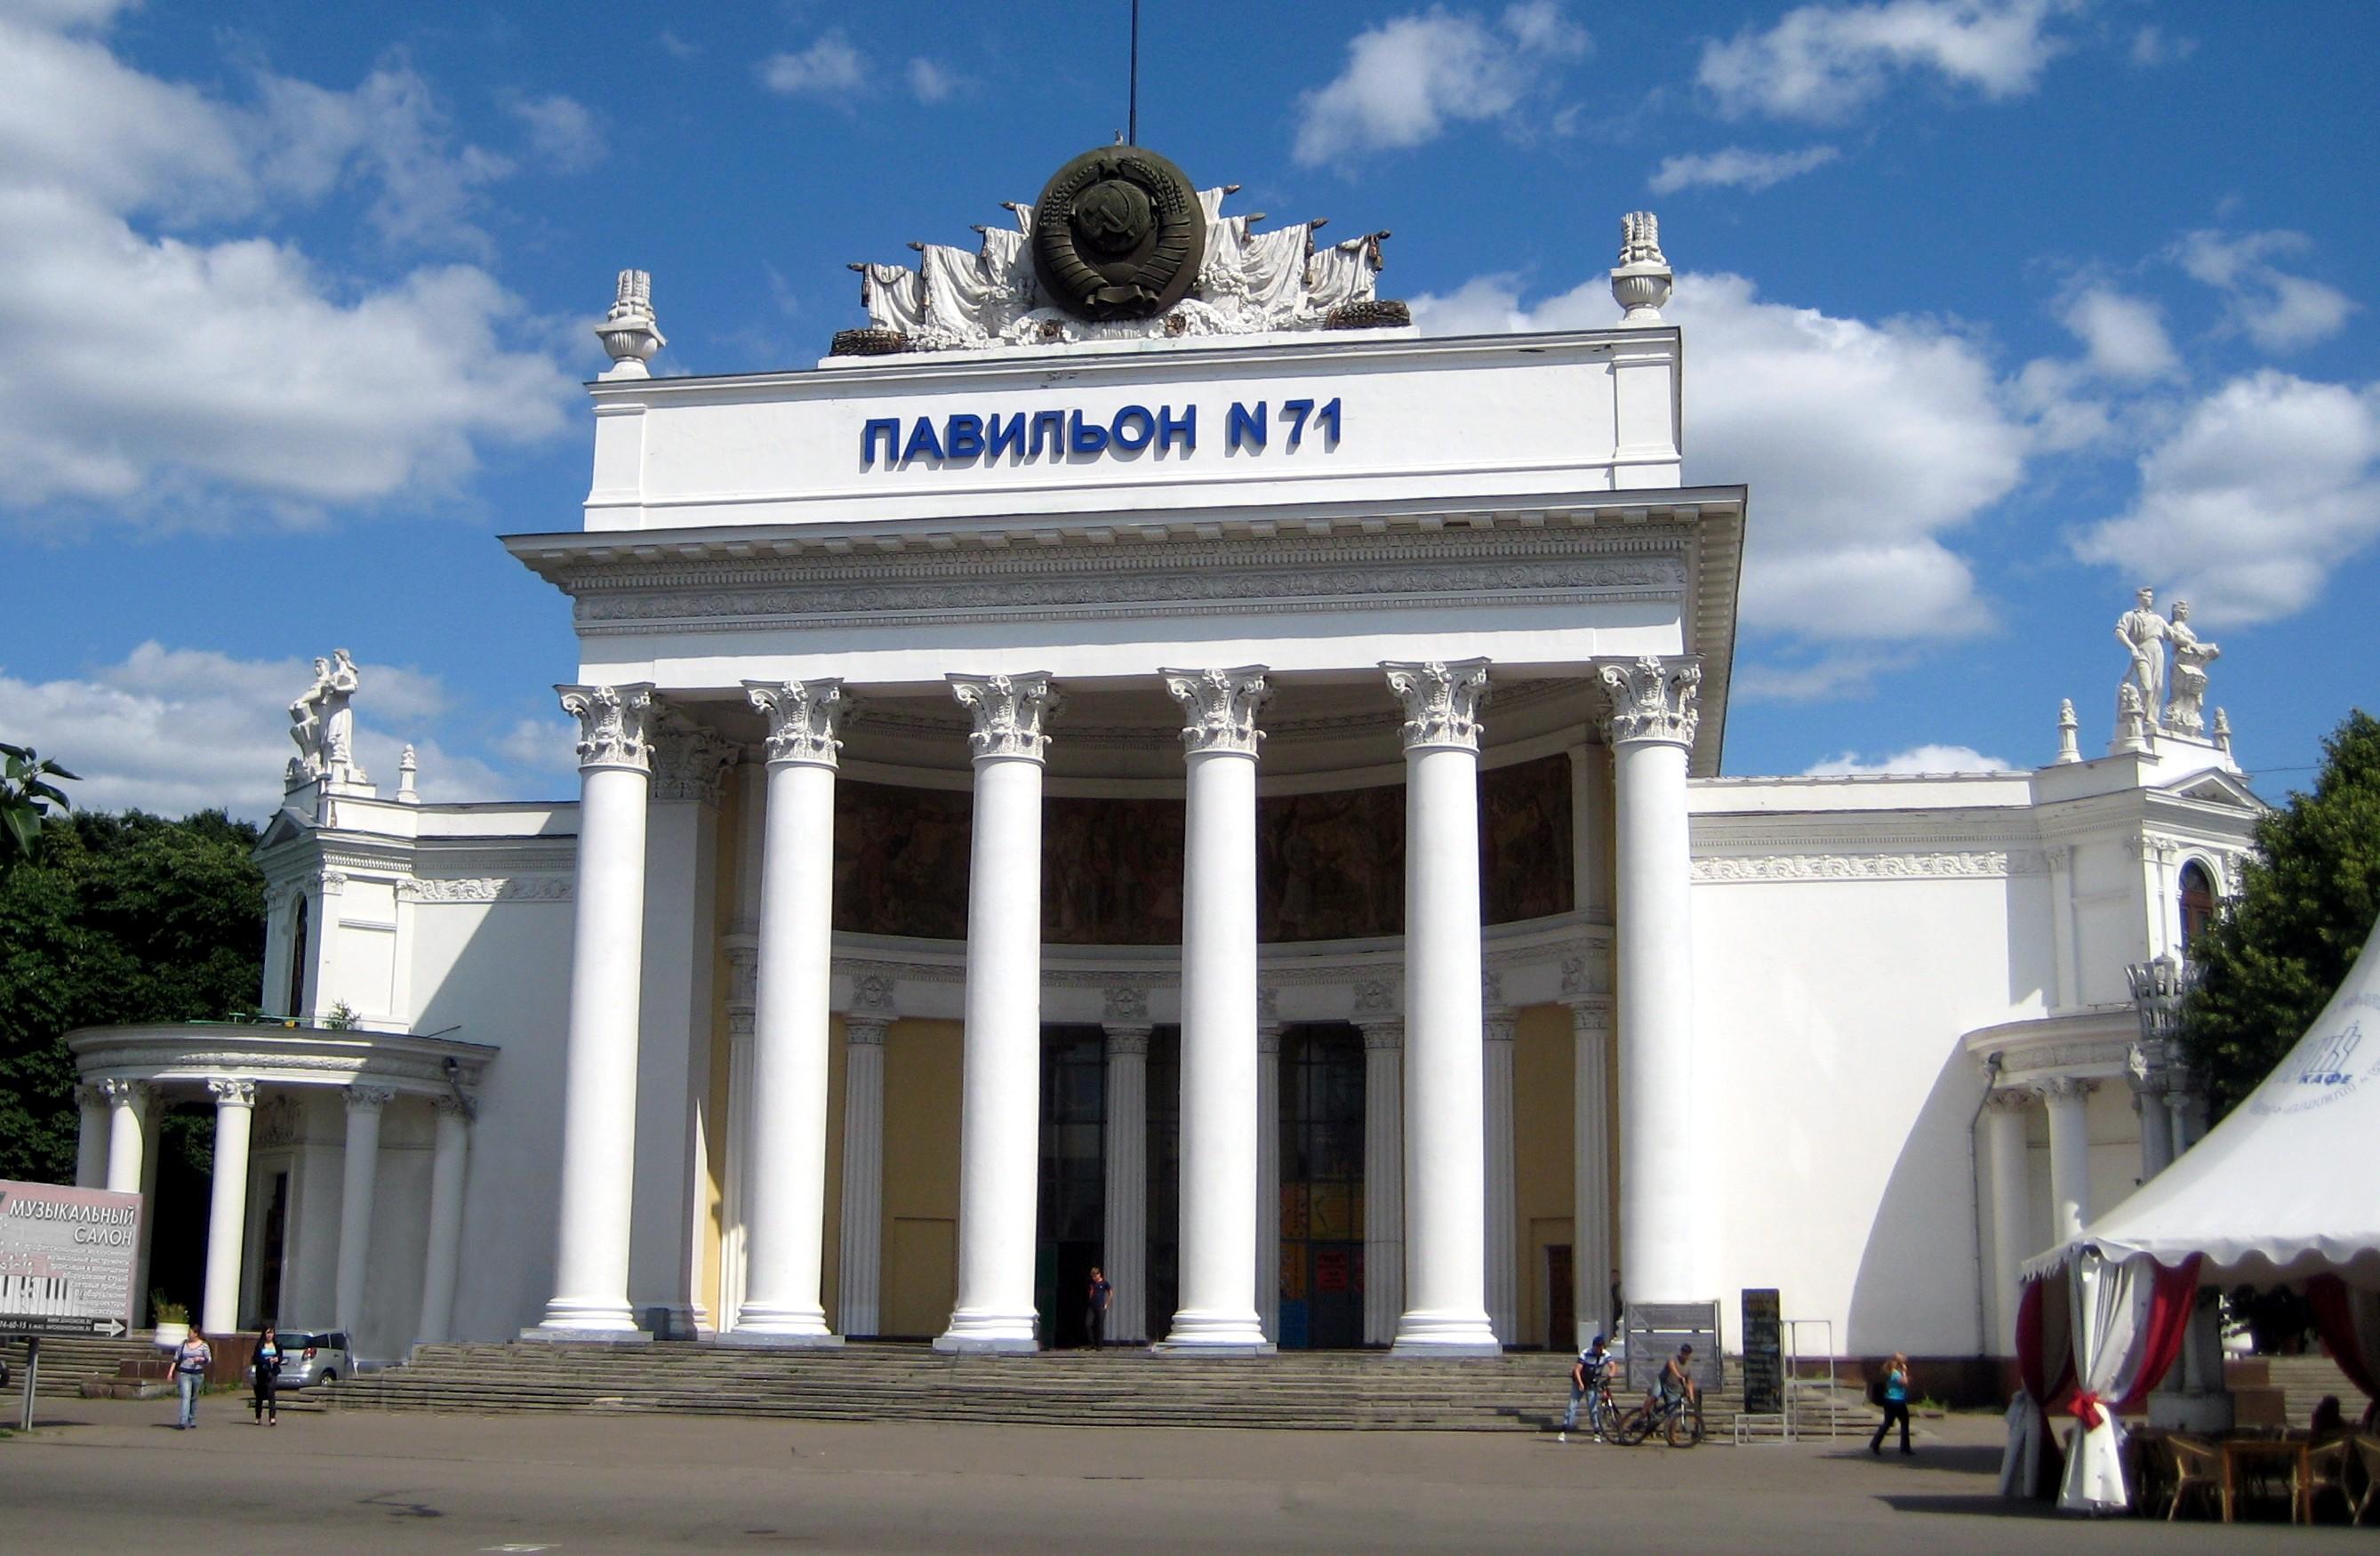 Pavilhão n. 71 da Exposição Permanente de Moscou, dedicado à energia nuclear e sua indústria.